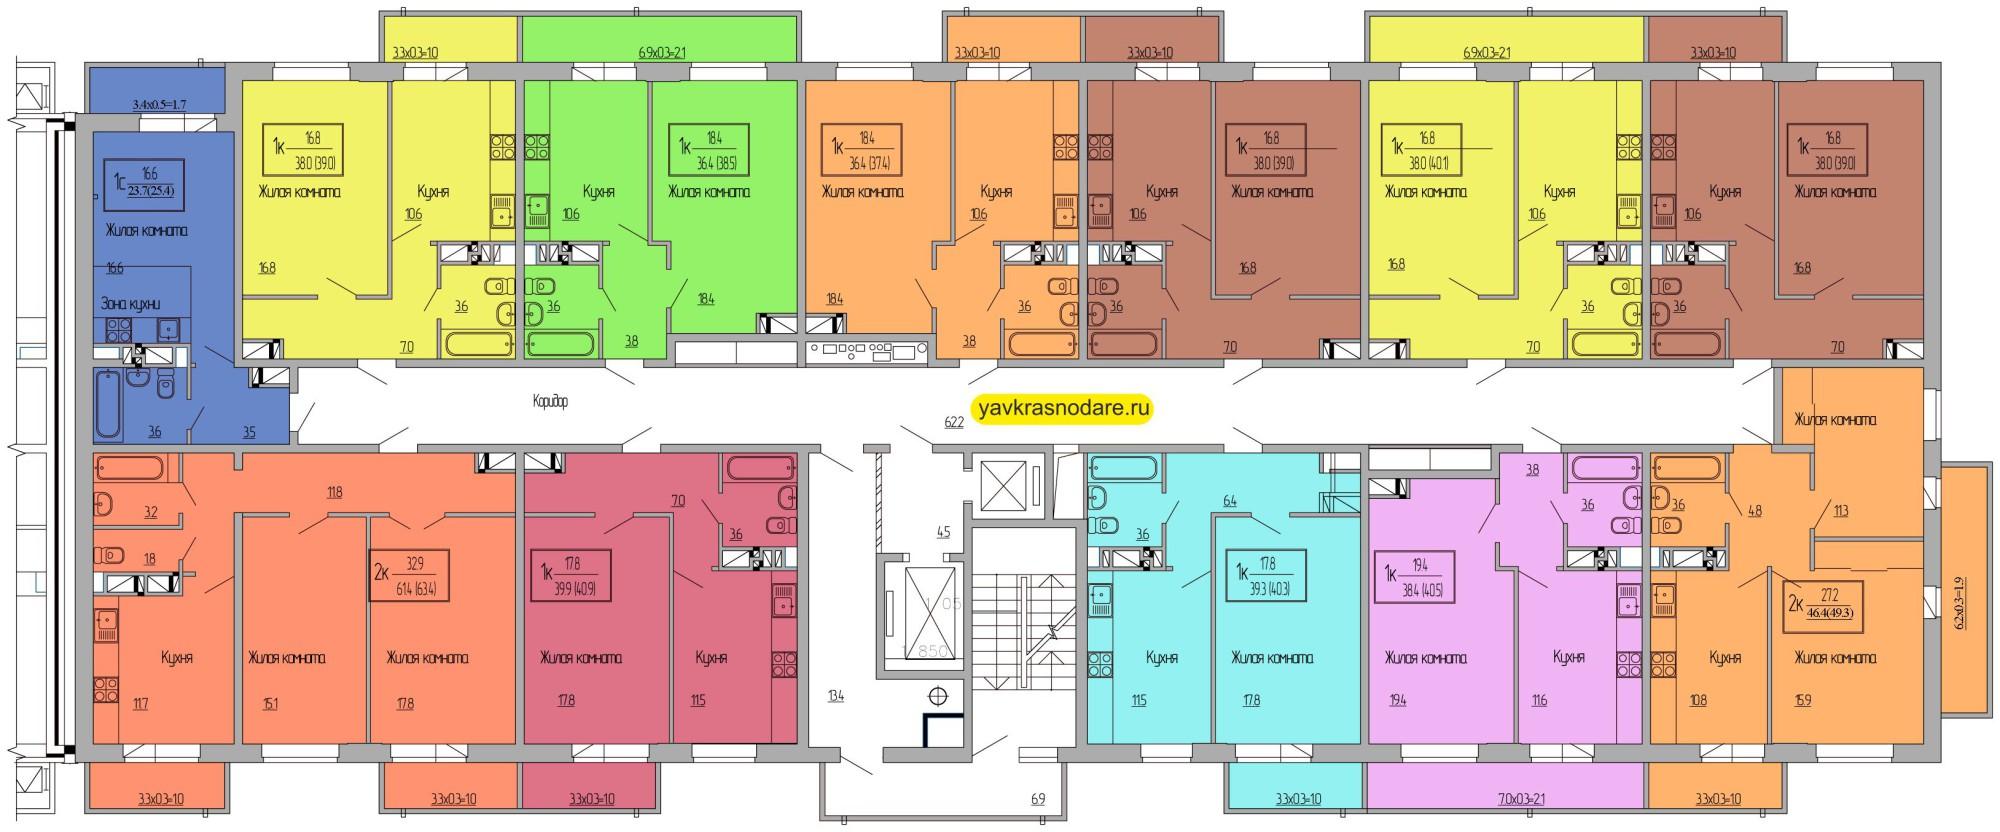 Атмосфера, 3 подъезд, 8-15 этажи